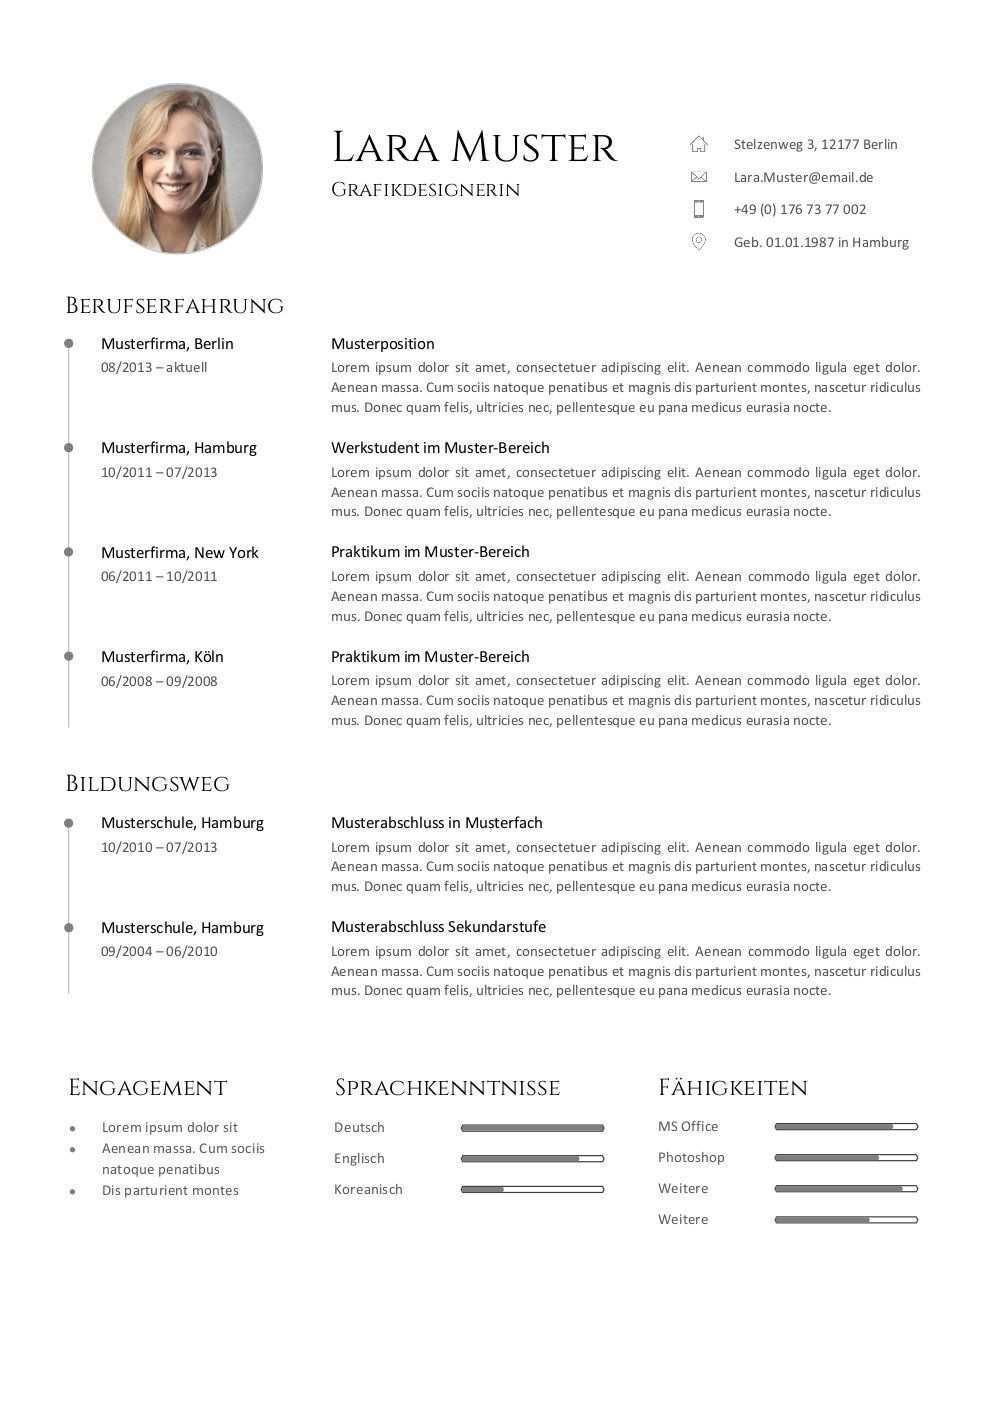 Bewerbung Muster Vorlagen Kostenlos Zum Download Vorlagen Lebenslauf Bewerbung Lebenslauf Bewerbung Lebenslauf Vorlage